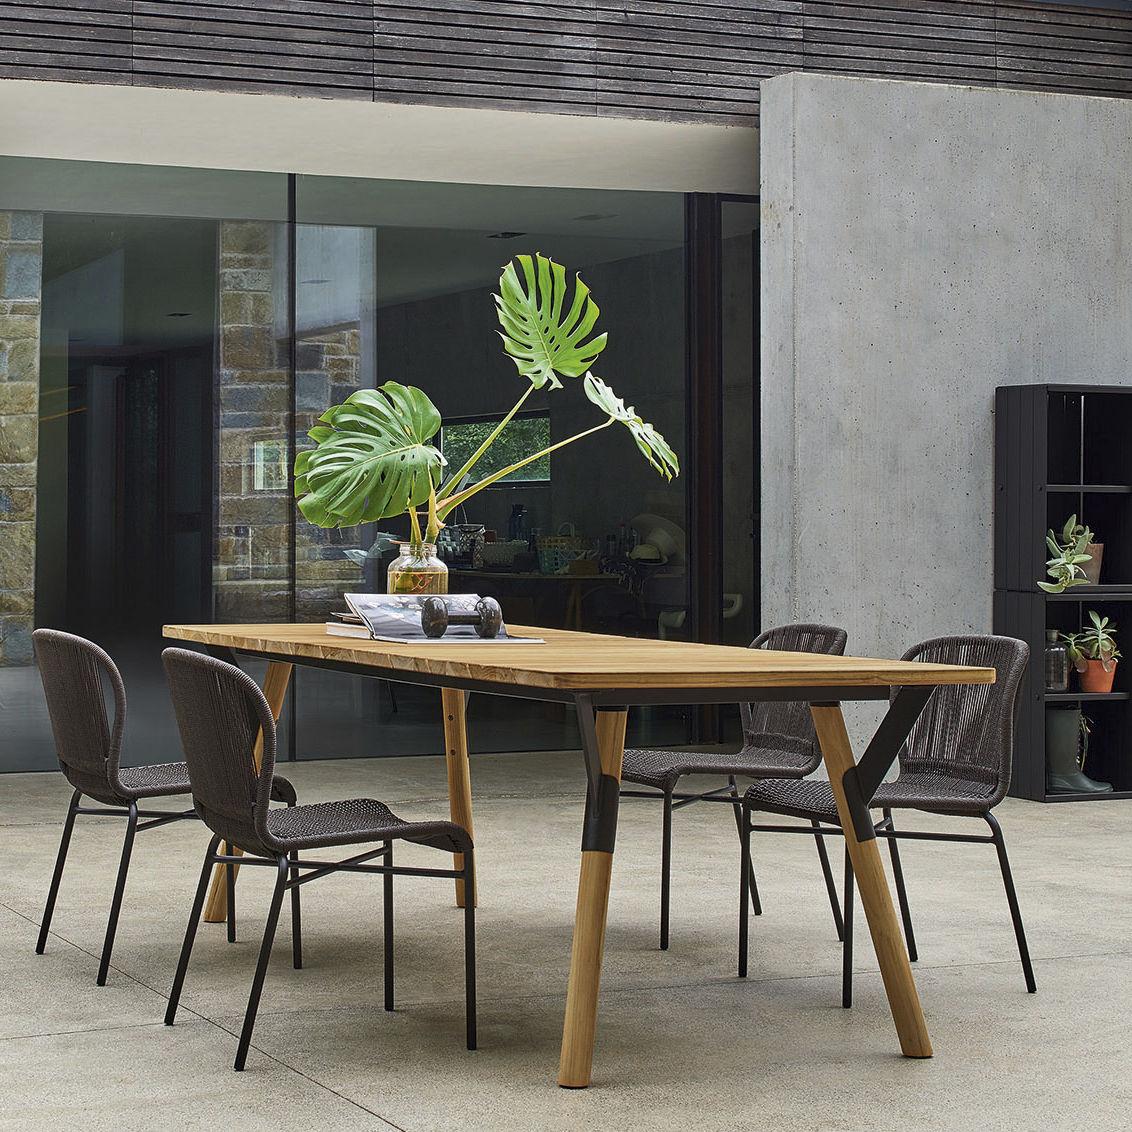 Sedia moderna in alluminio verniciato in fibre sintetiche da